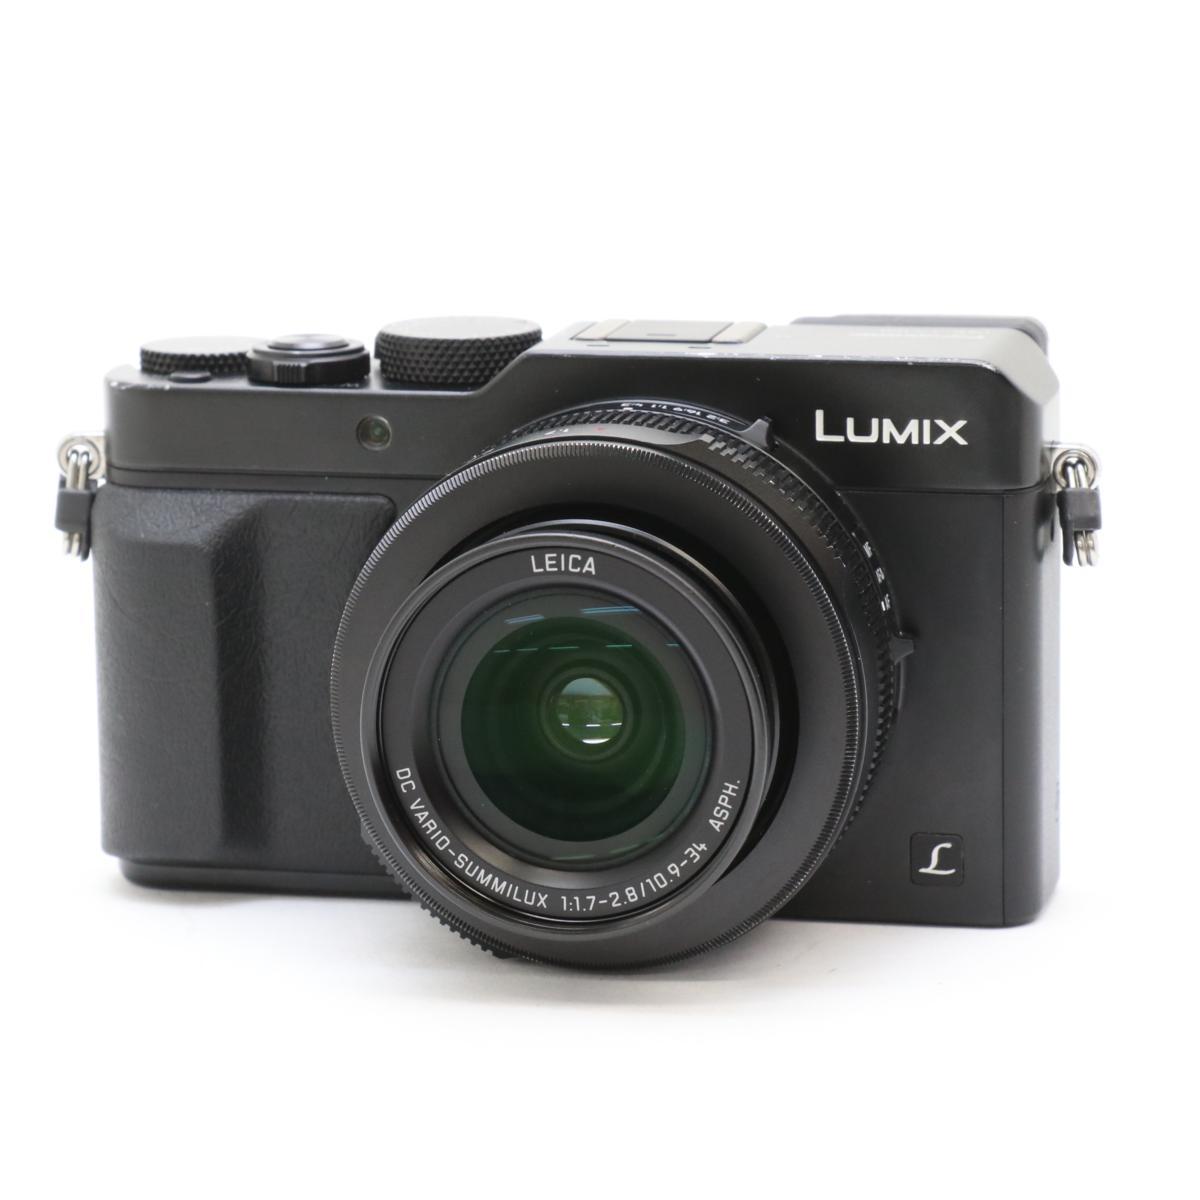 【マップカメラ】1円スタート! Panasonic LUMIX DMC-LX100-K